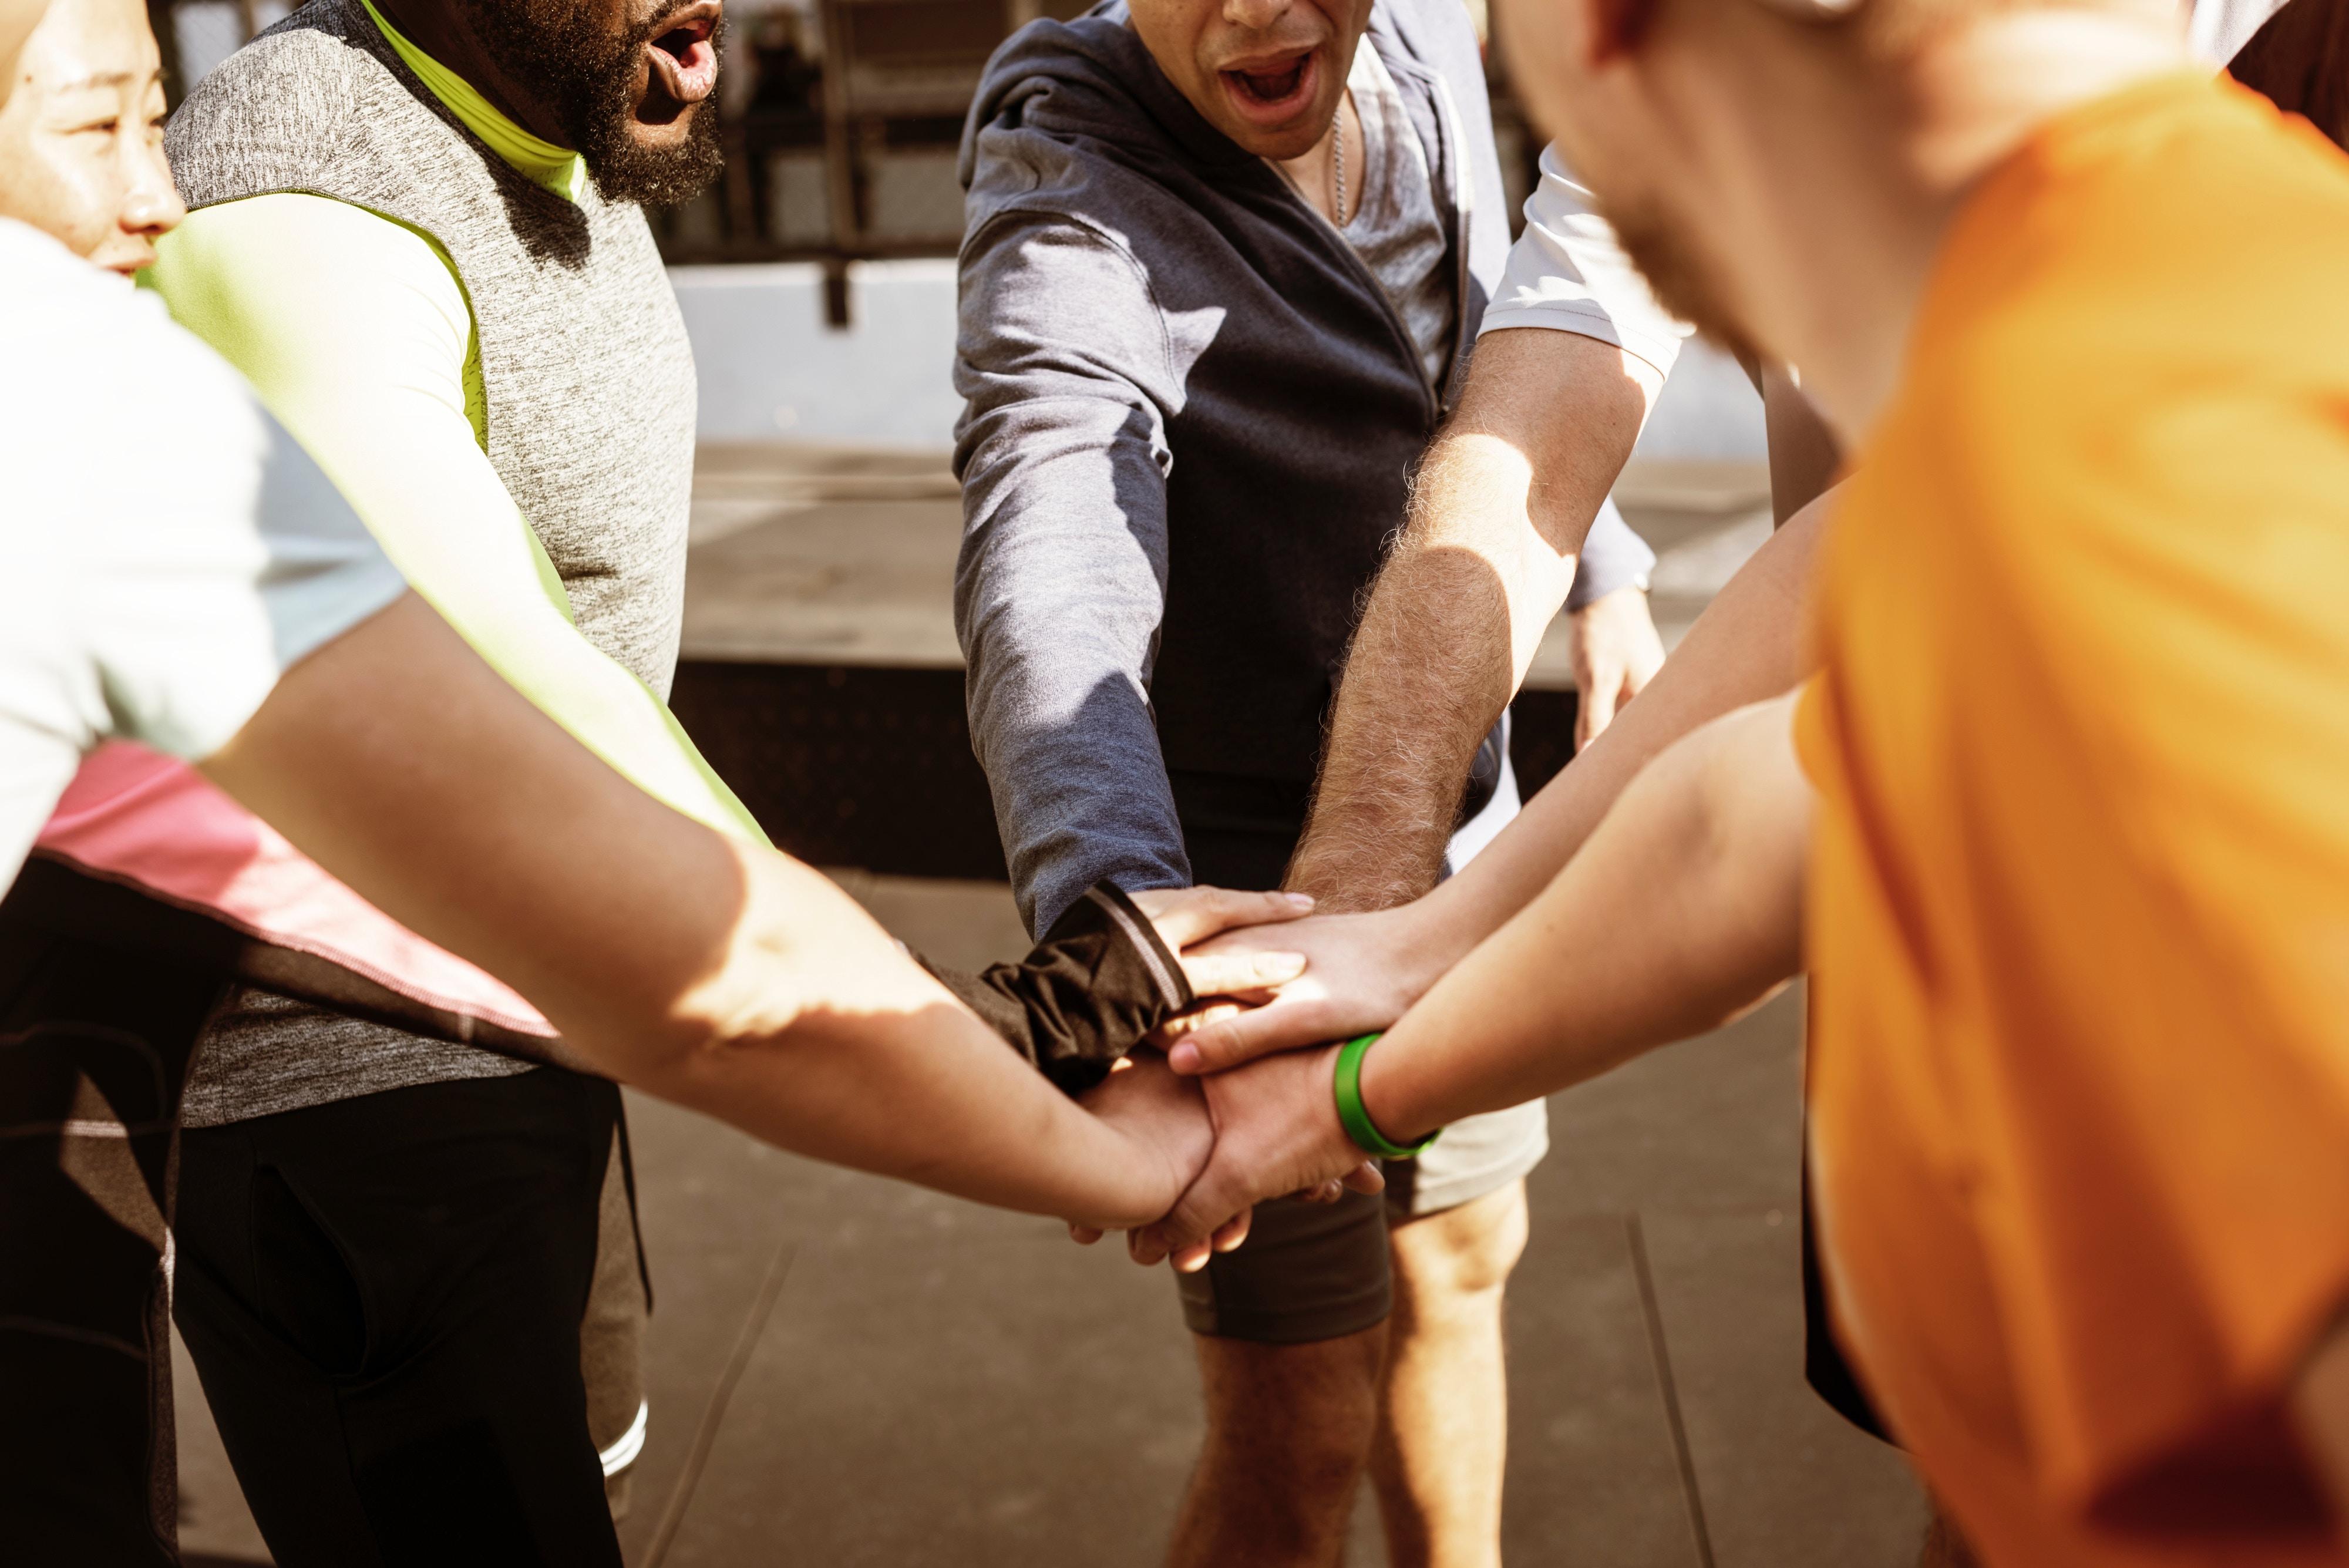 So gewinnen Sie und Ihre Mitarbeiter aus dem menschlichen Miteinander Energie und Motivation. Lachen und nützliche Aha-Momente garantiert.